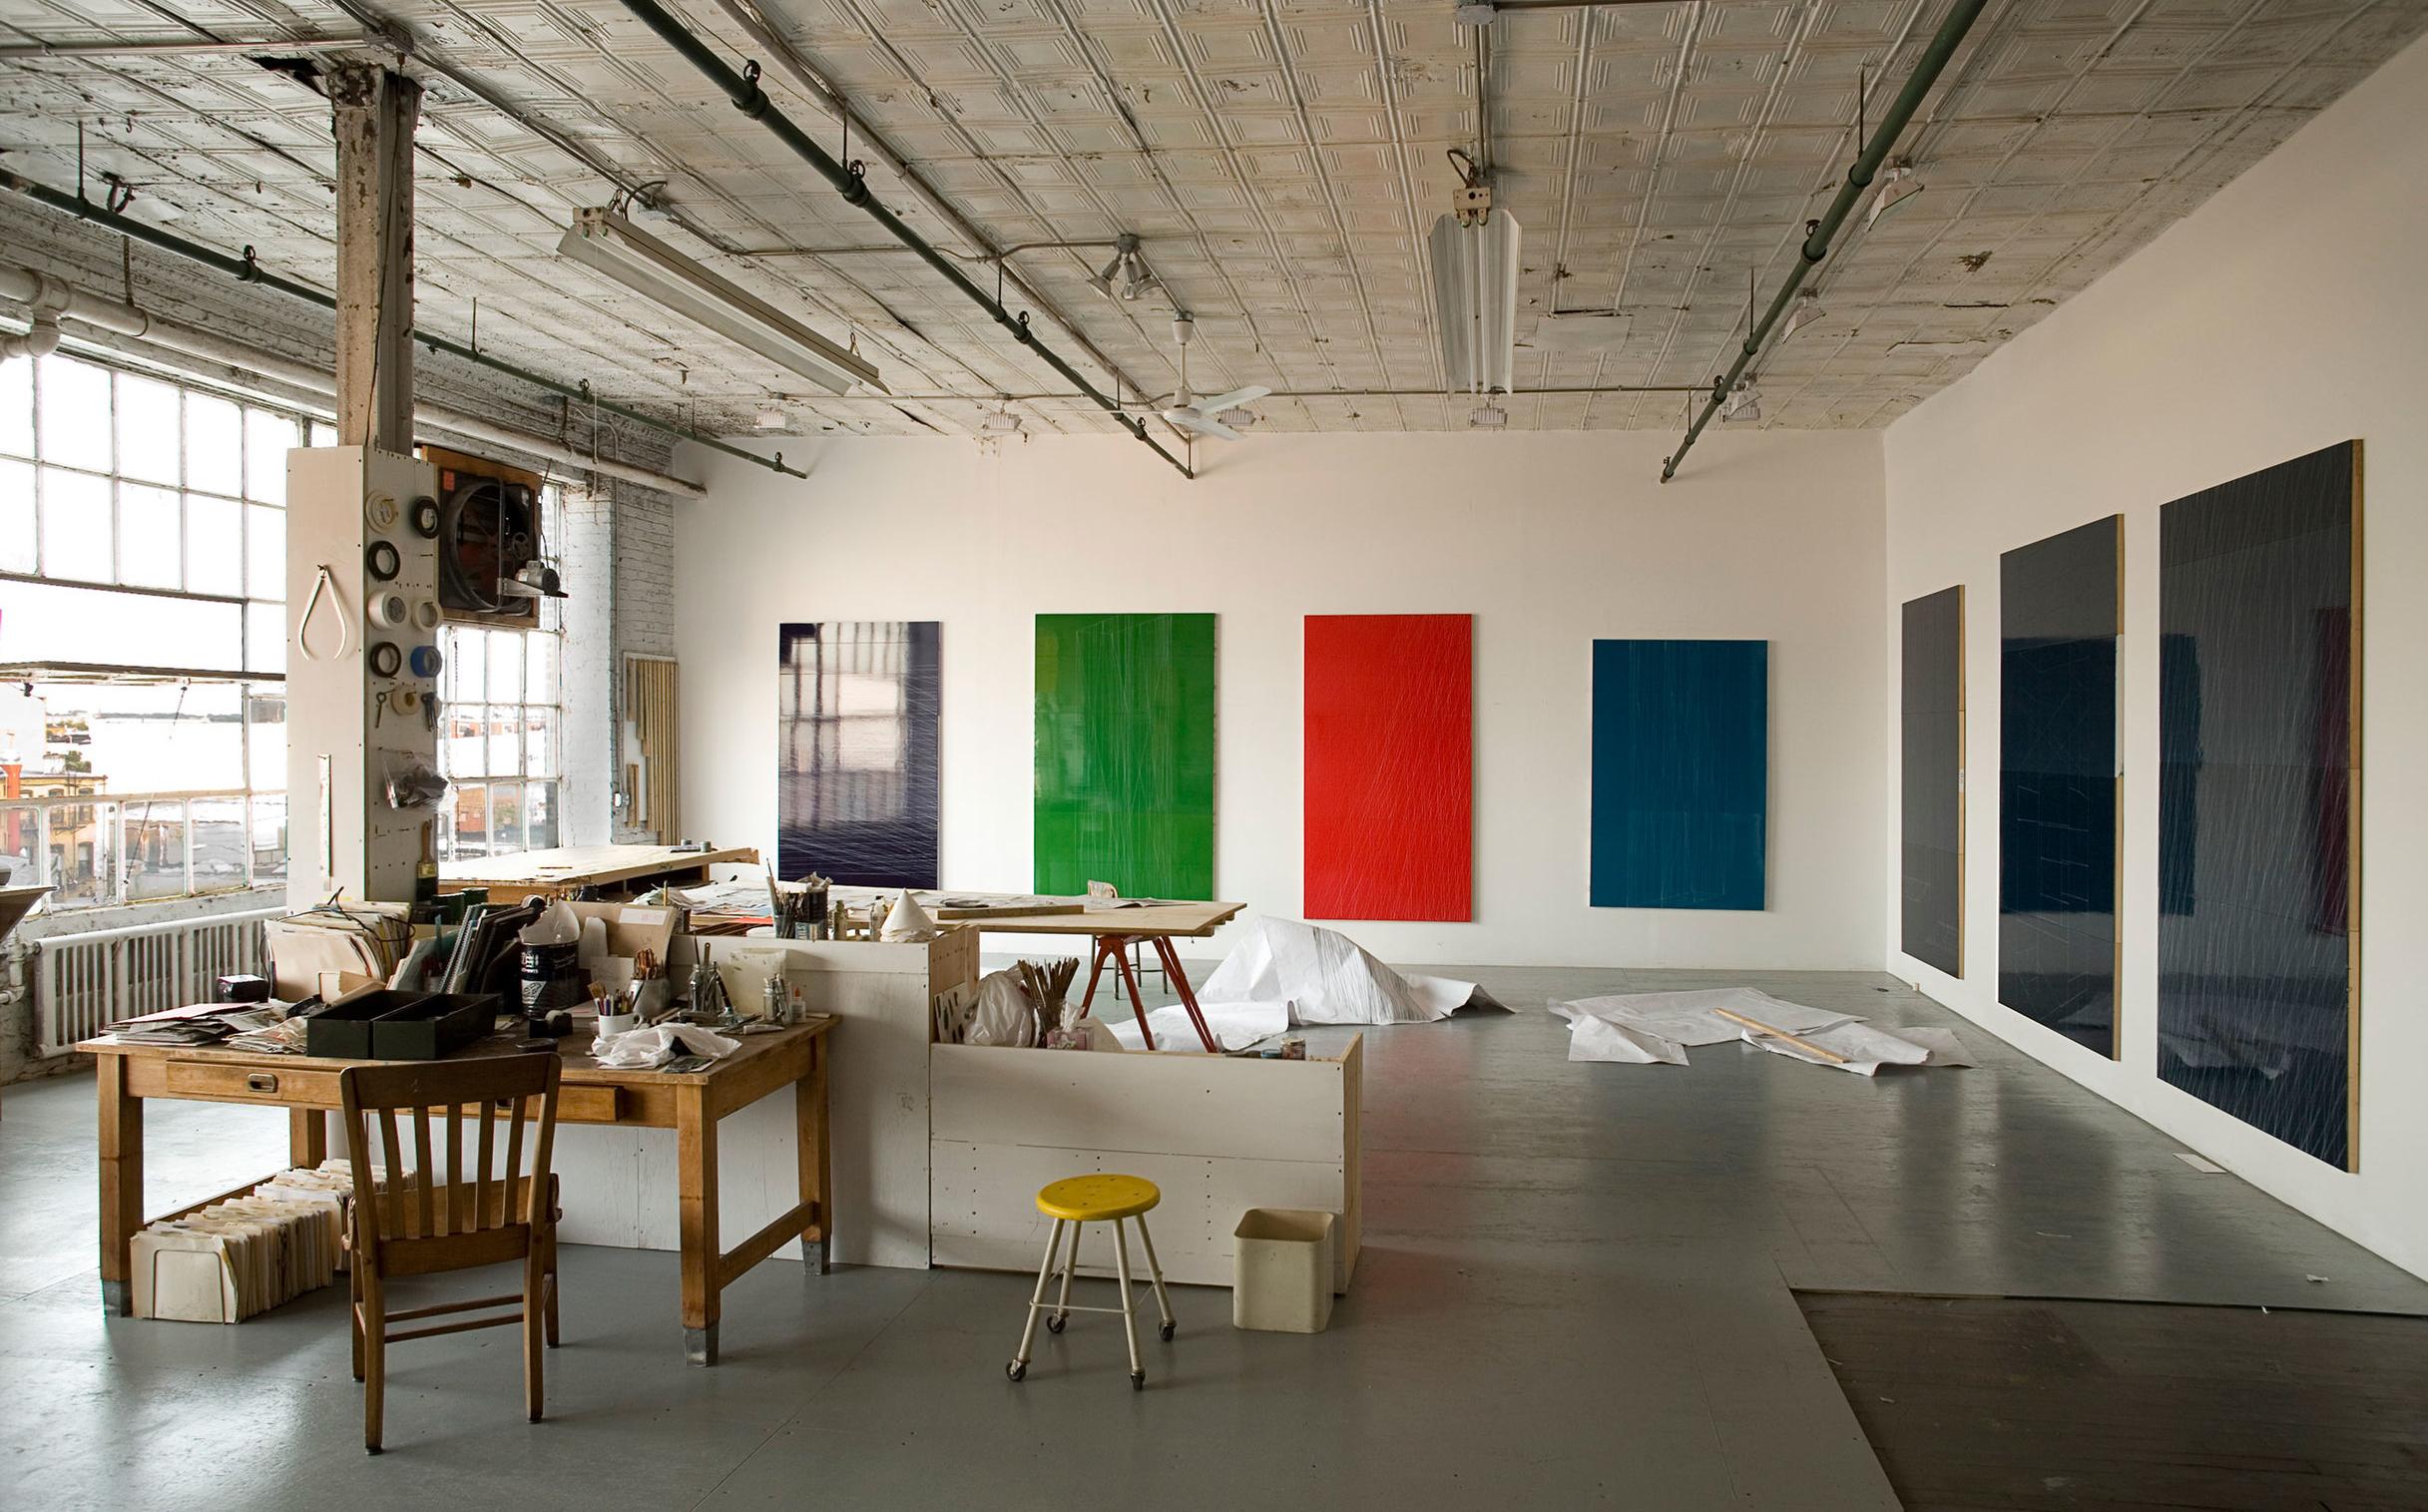 Studio view, New York, New York